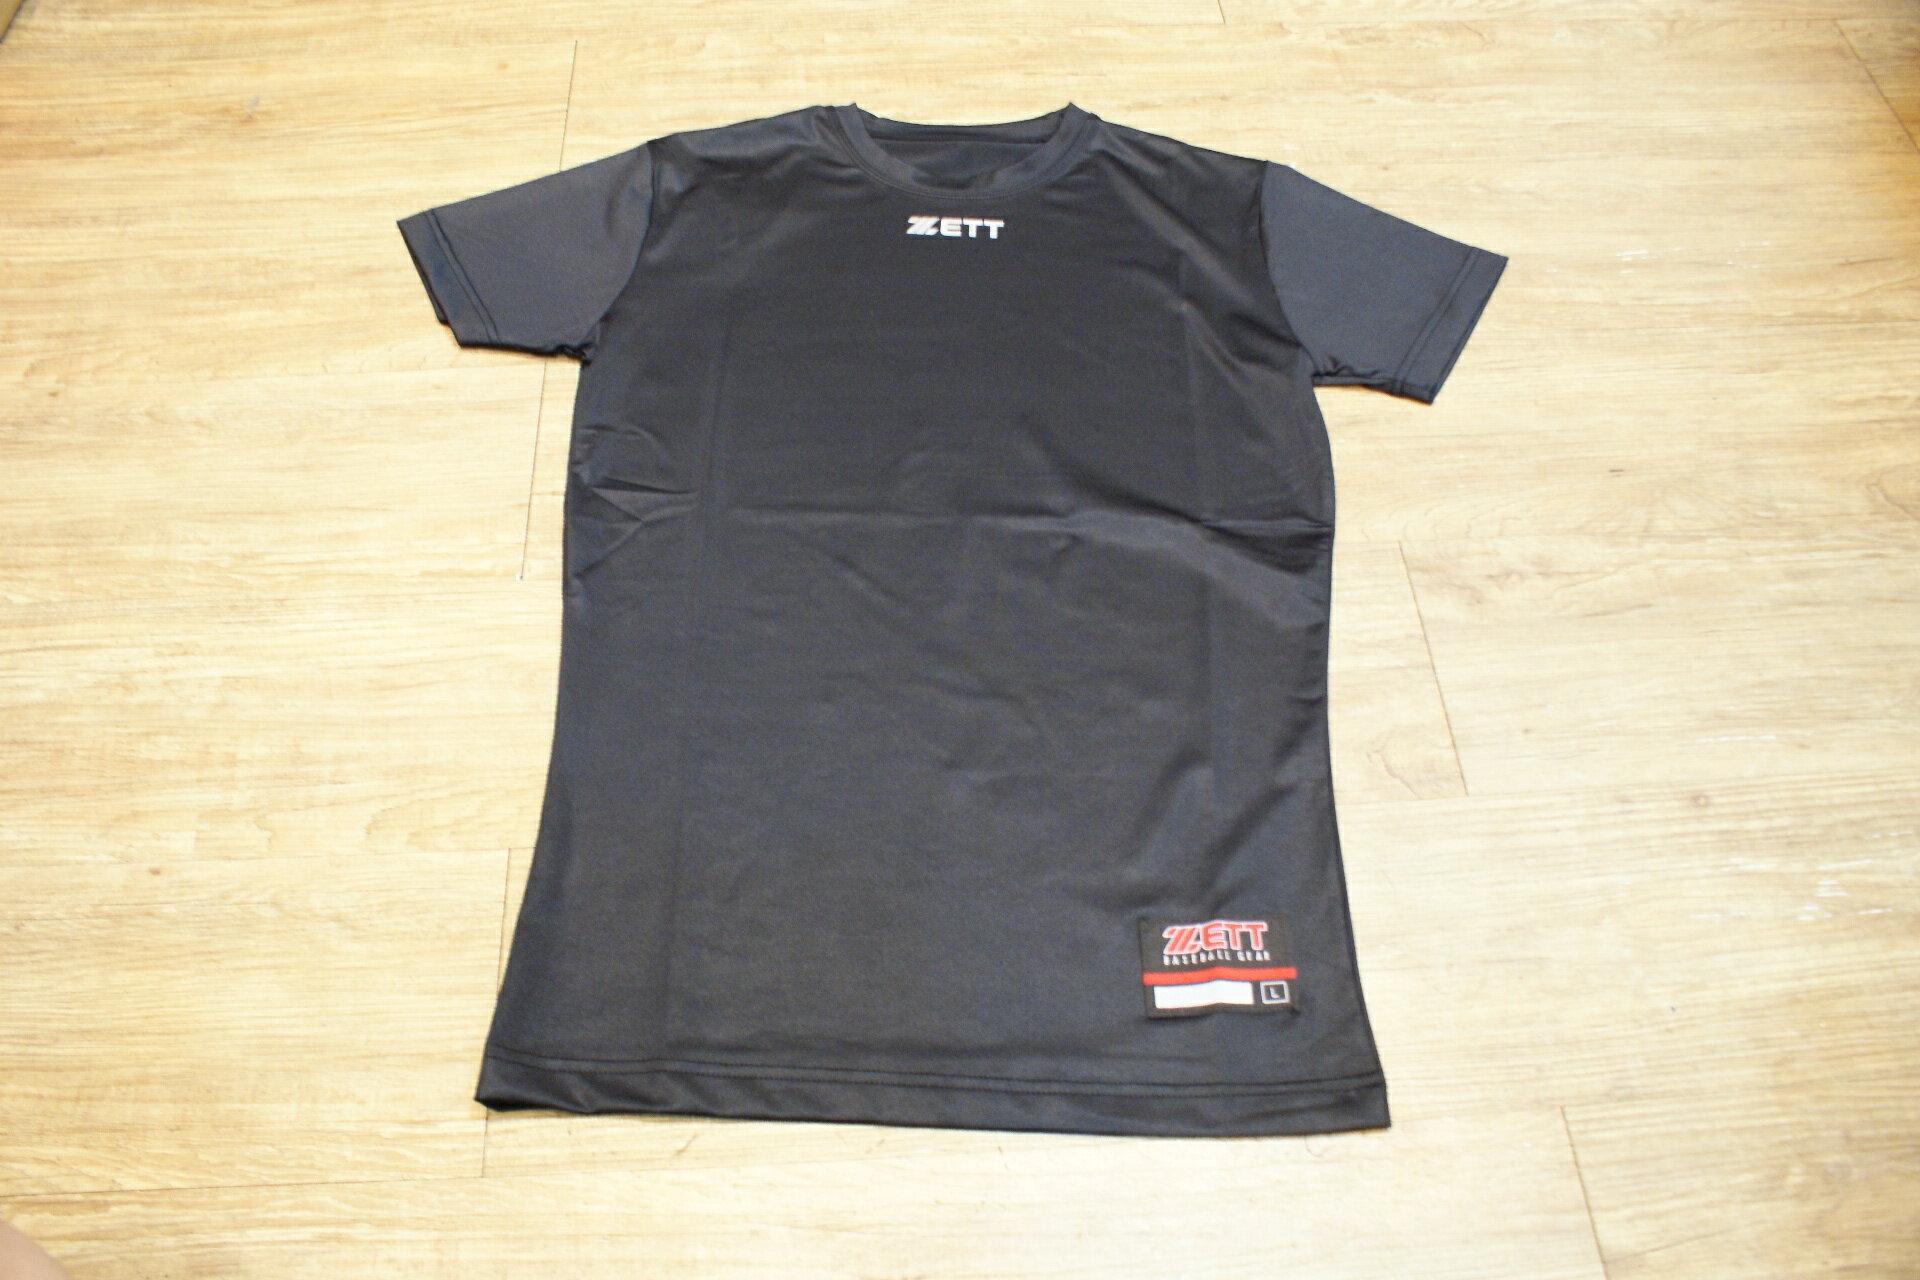 棒球世界 全新 ZETT 新款短袖圓領緊身衣 特價